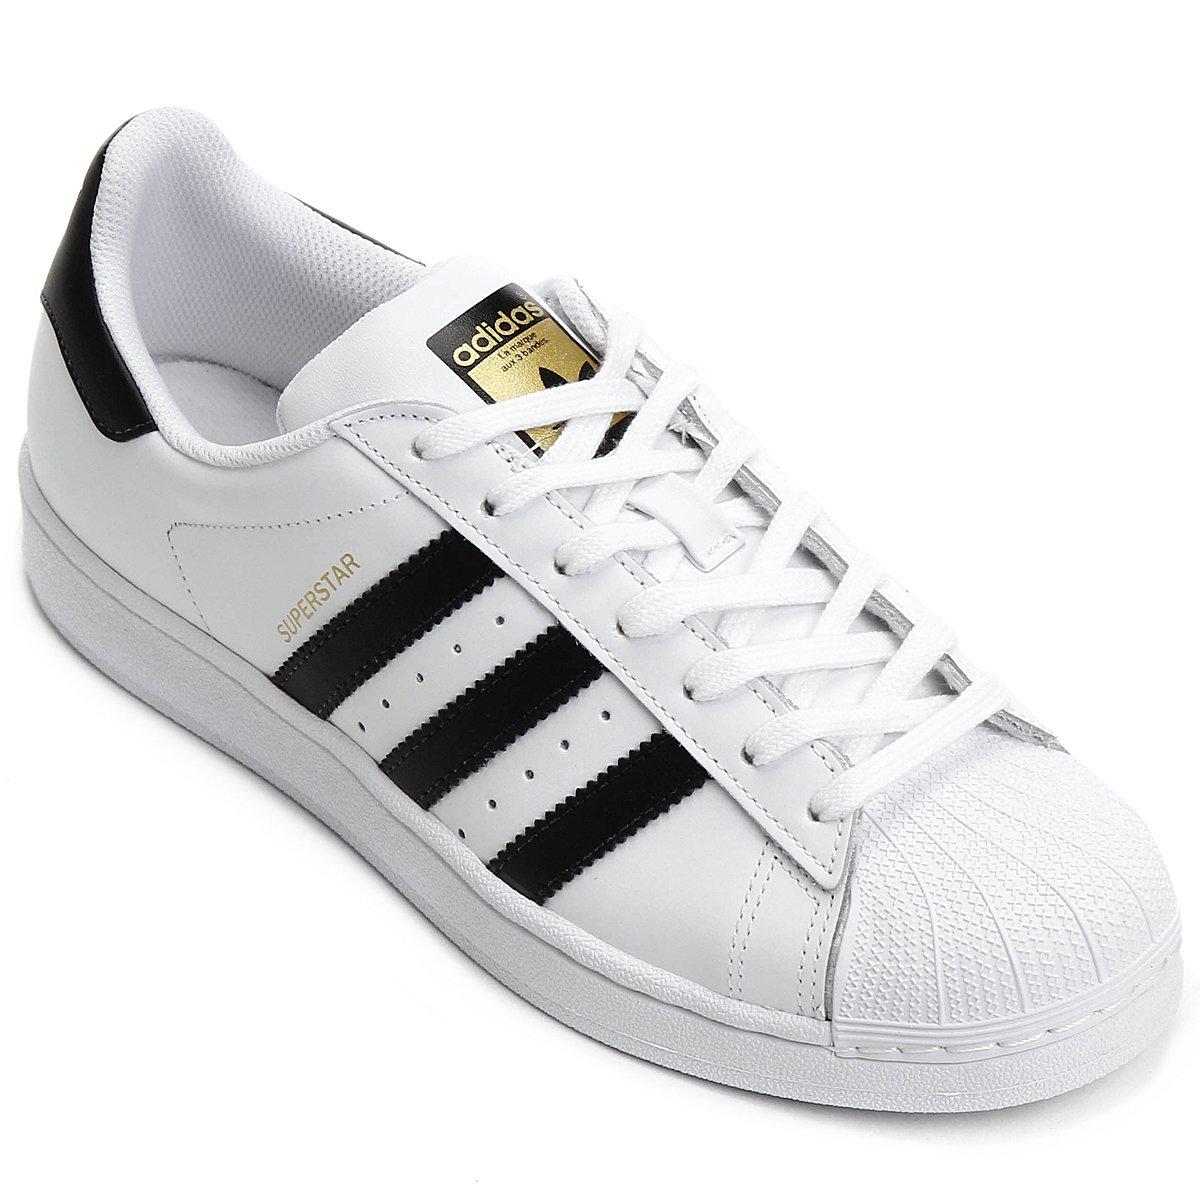 c7c142c333d86 Tênis Adidas Superstar Foundation - Compre Agora